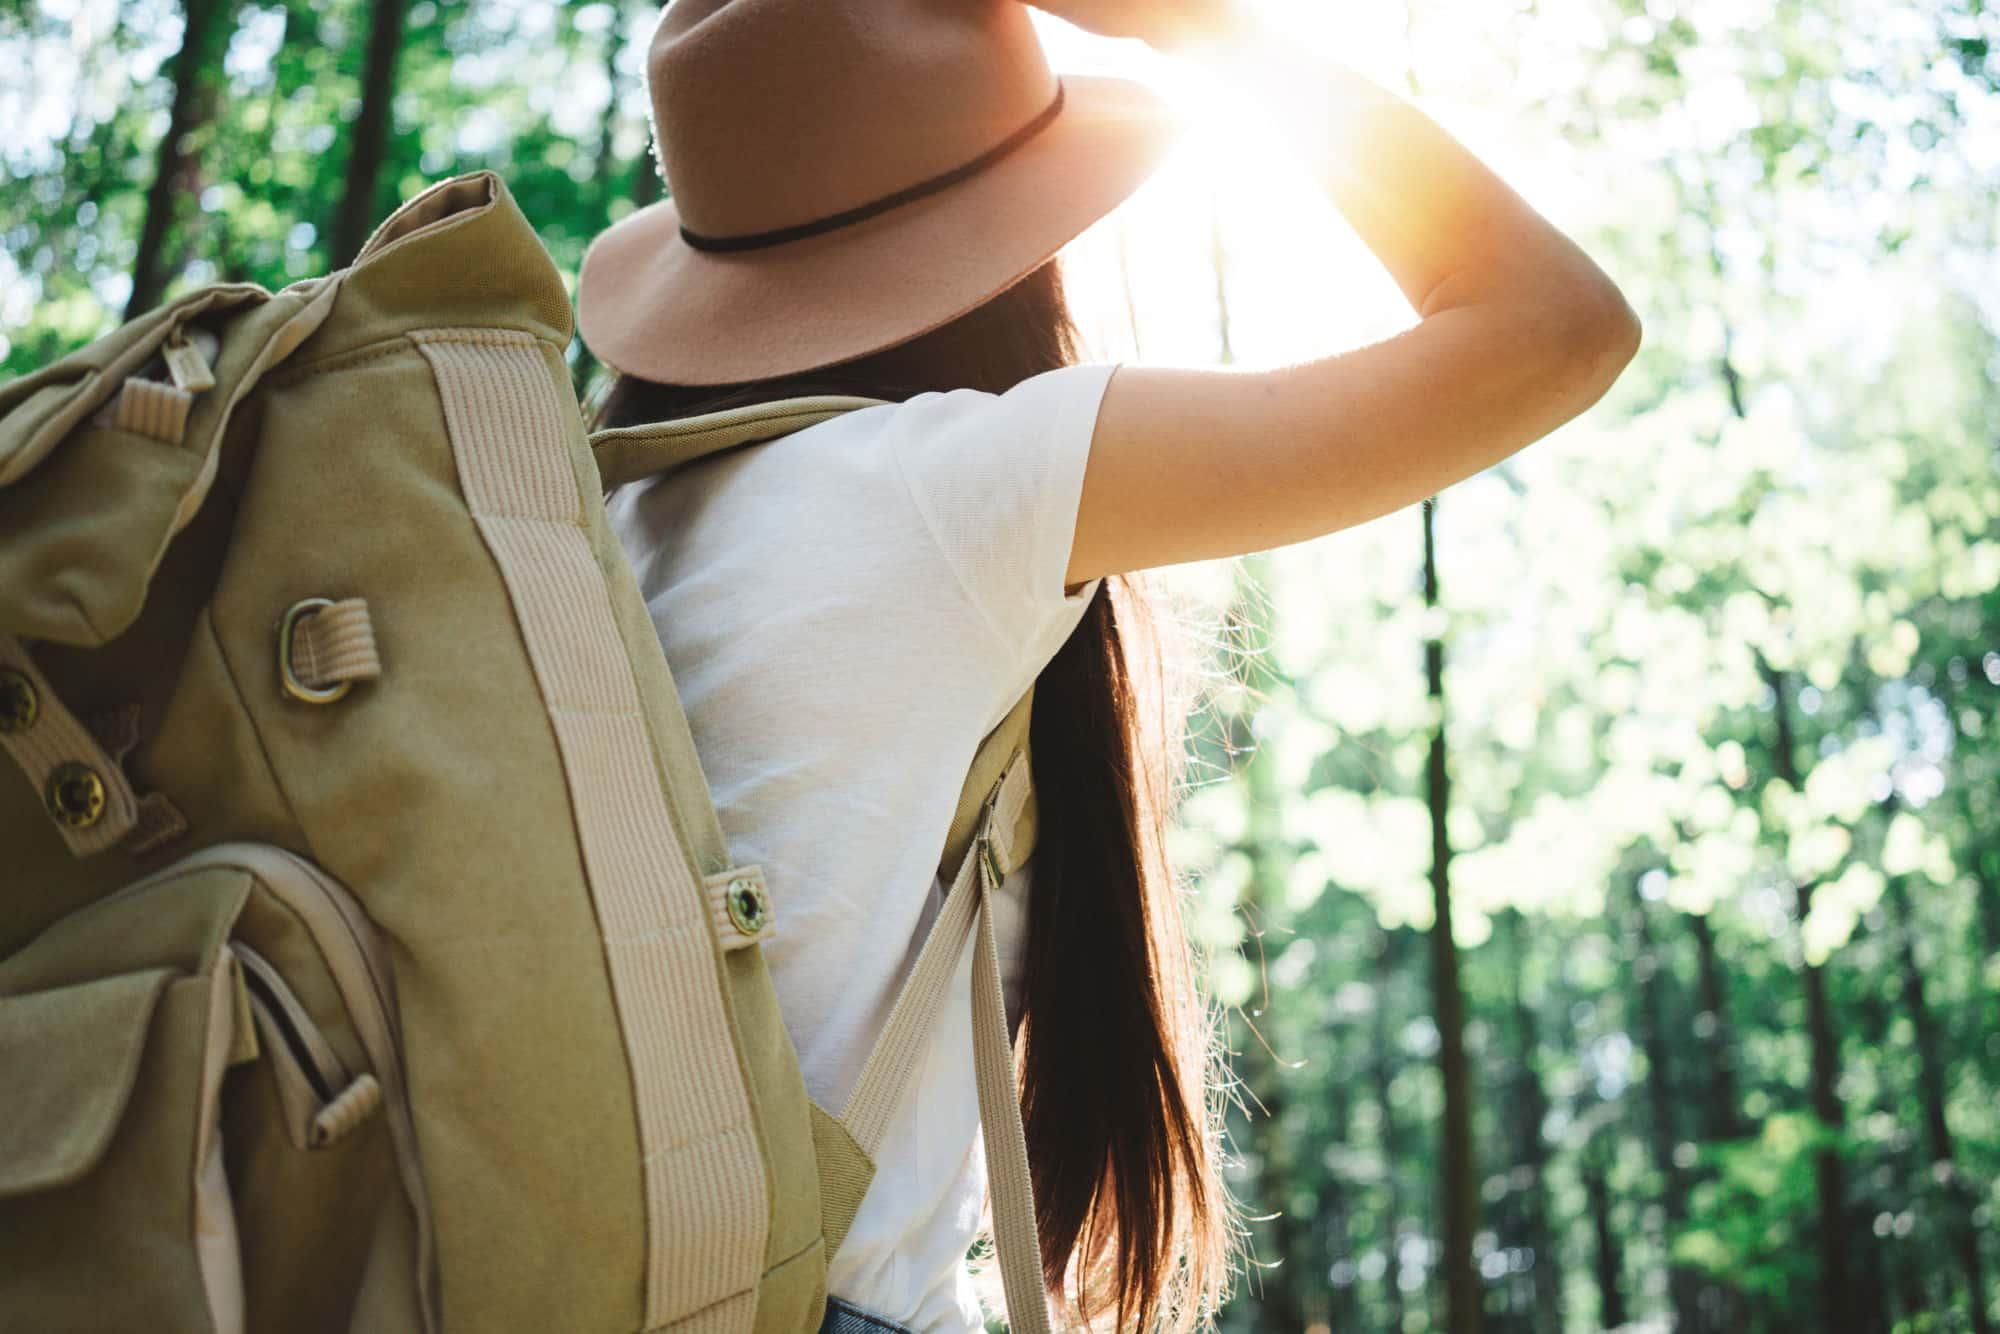 Mujer vijando sola con mochila, por el bosque